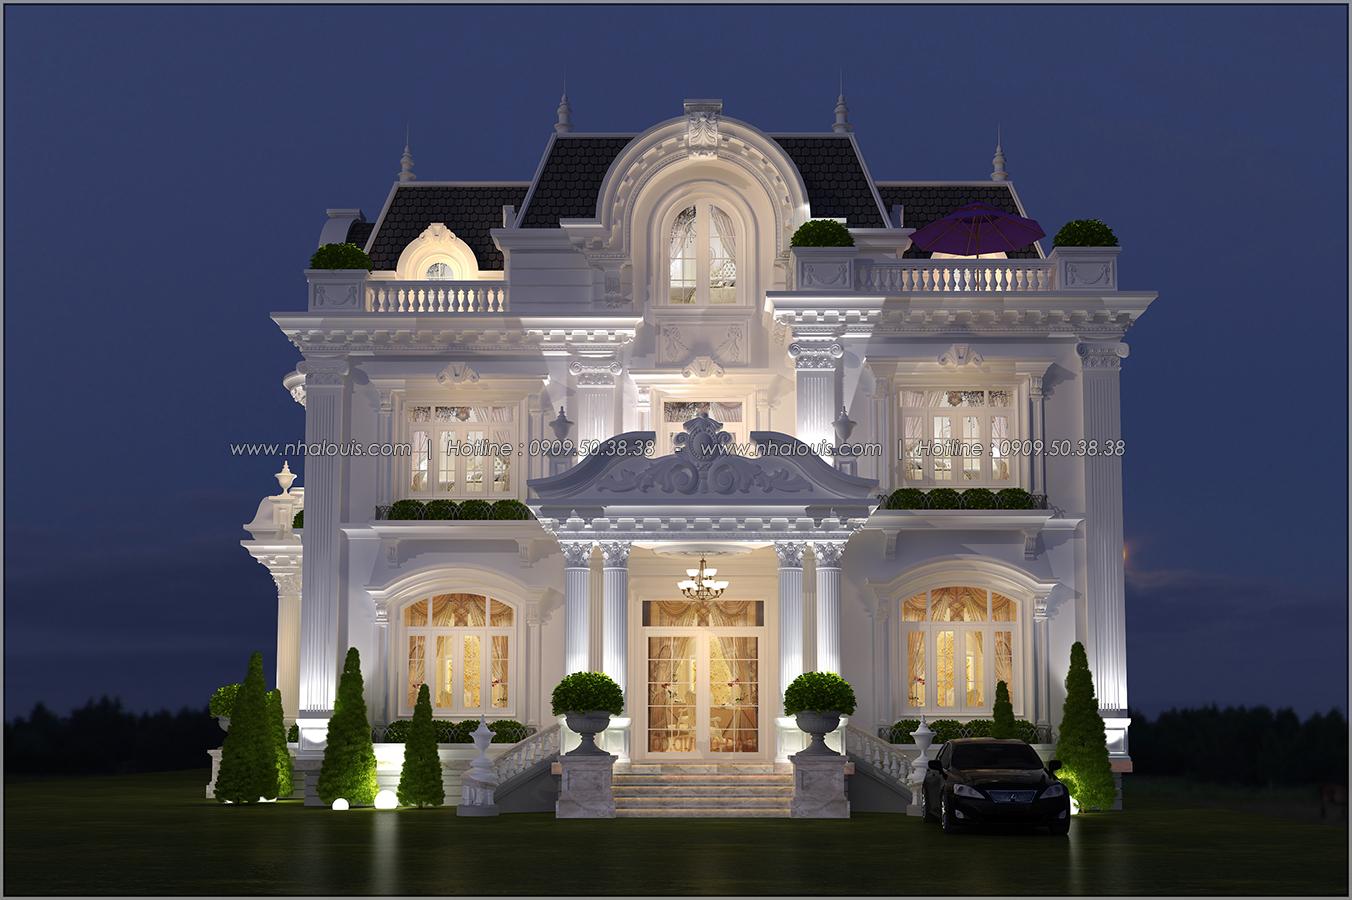 Mê mẩn với thiết kế biệt thự 3 tầng kiểu Pháp hoành tráng tại Biên Hòa - 01